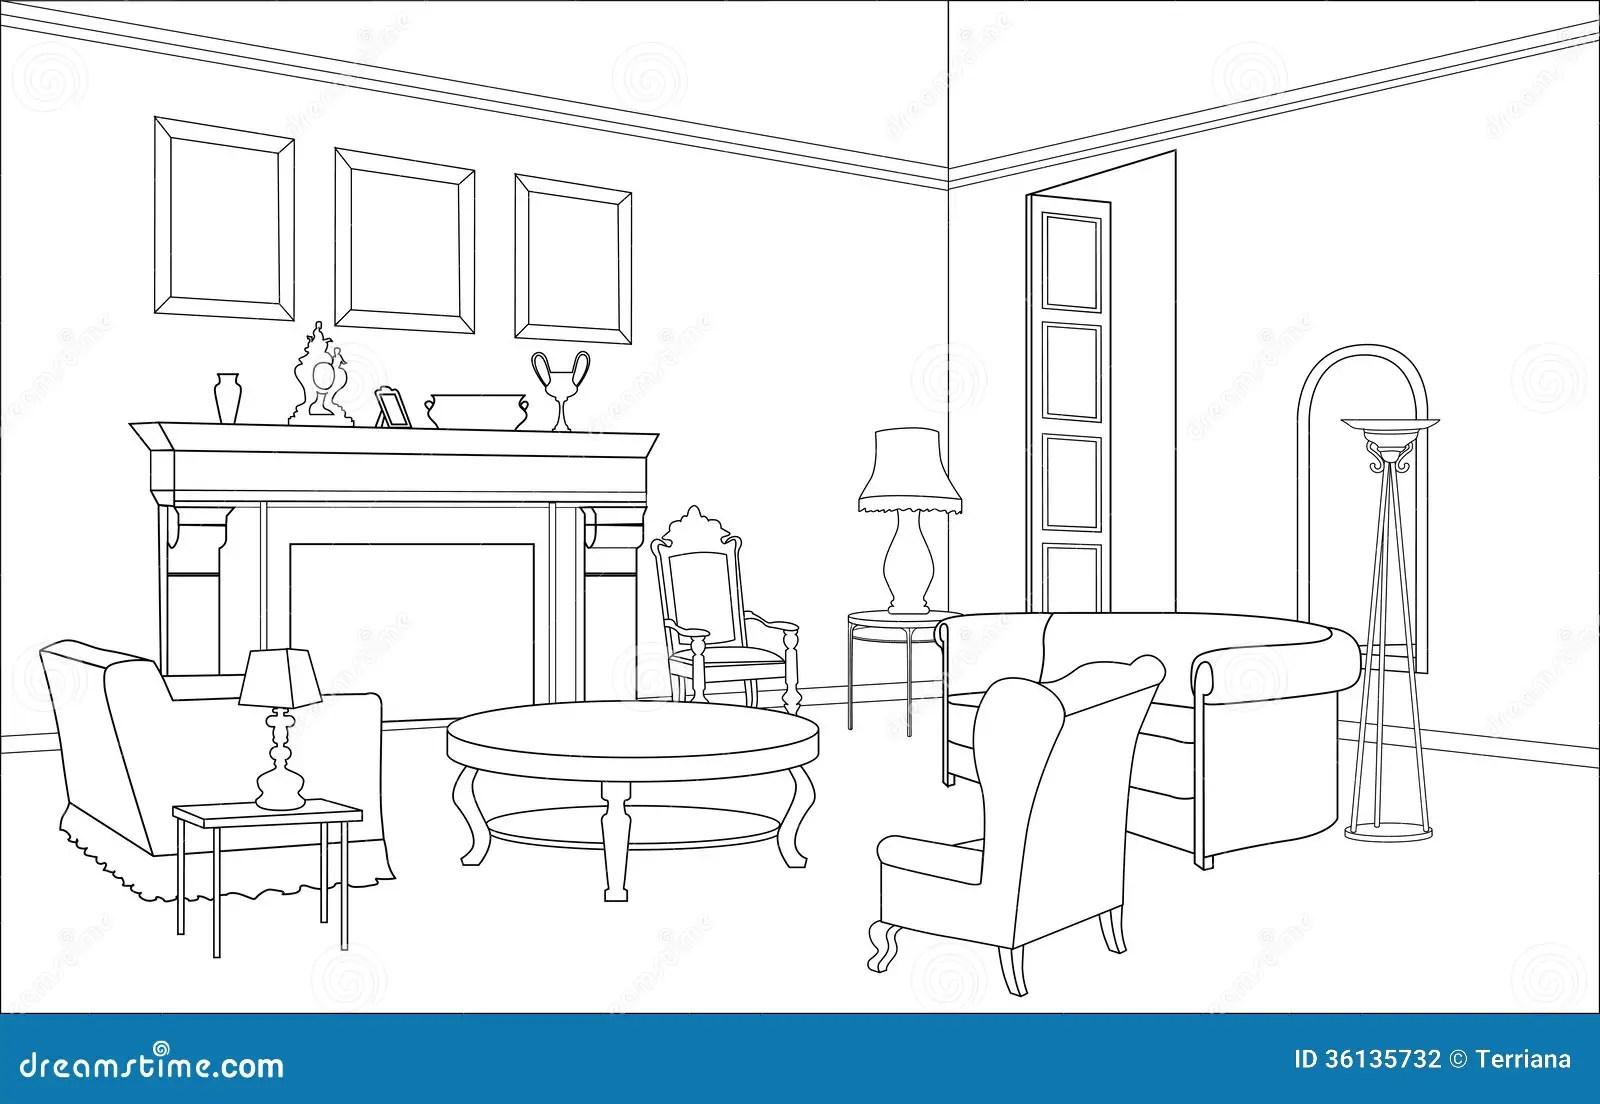 Sala De Estar Com Chamine Mobilia Editavel Interior No